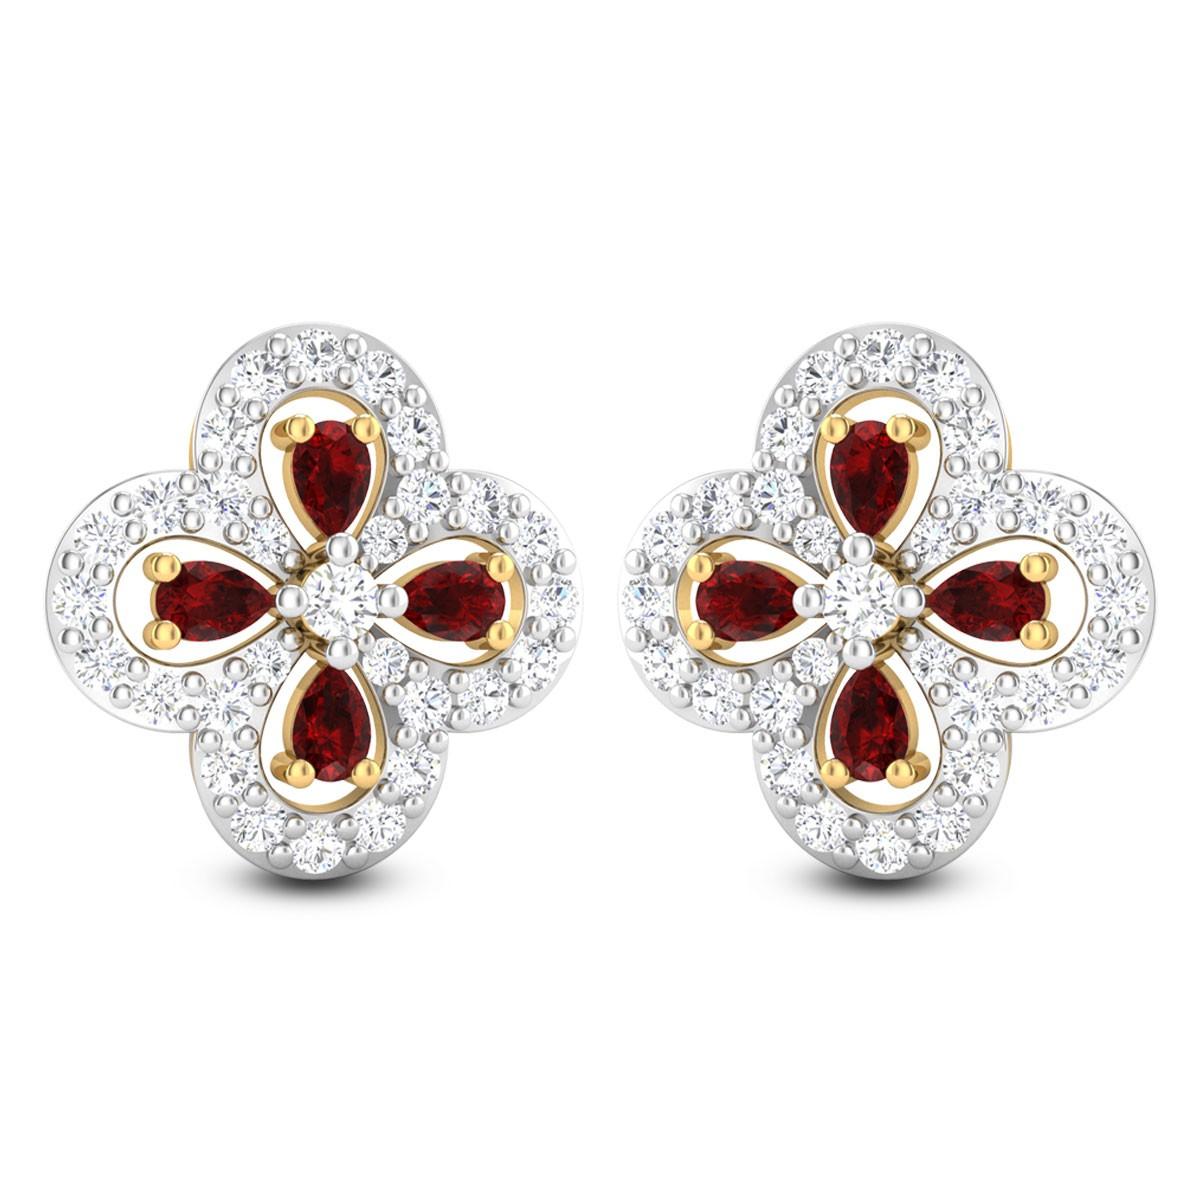 Ashwika Ruby Floral Stud Earrings